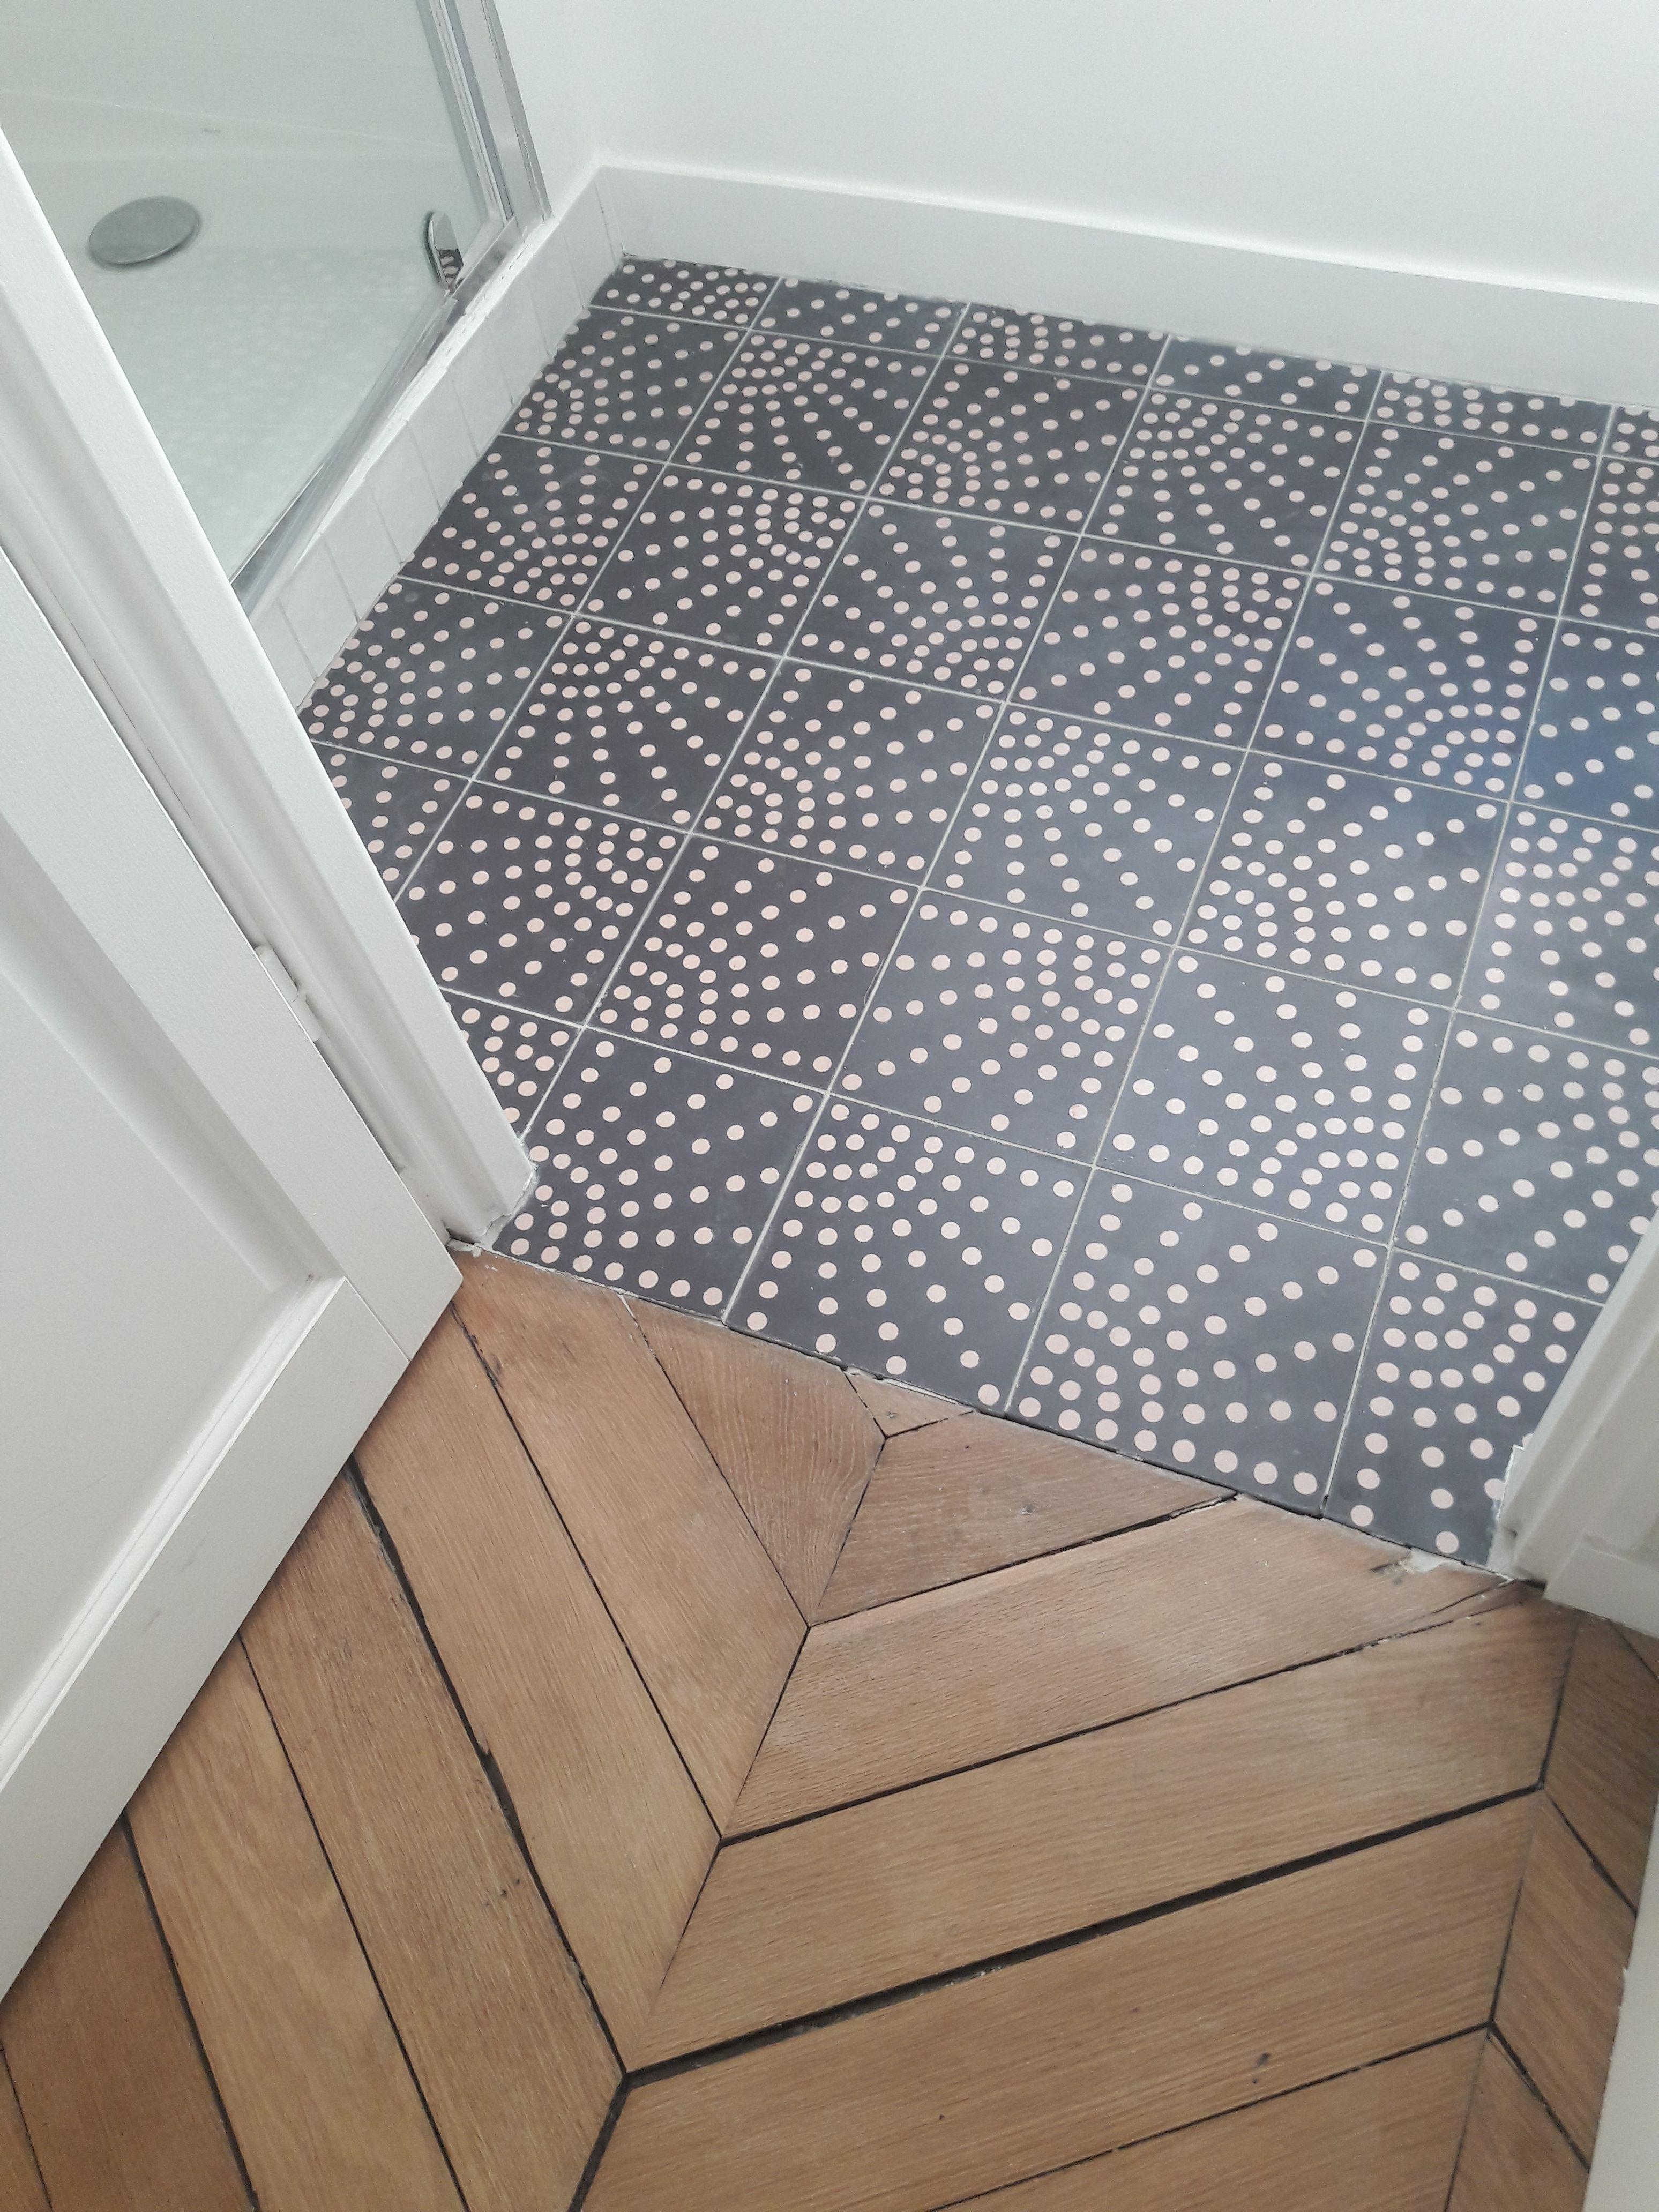 Epingle Sur Tile